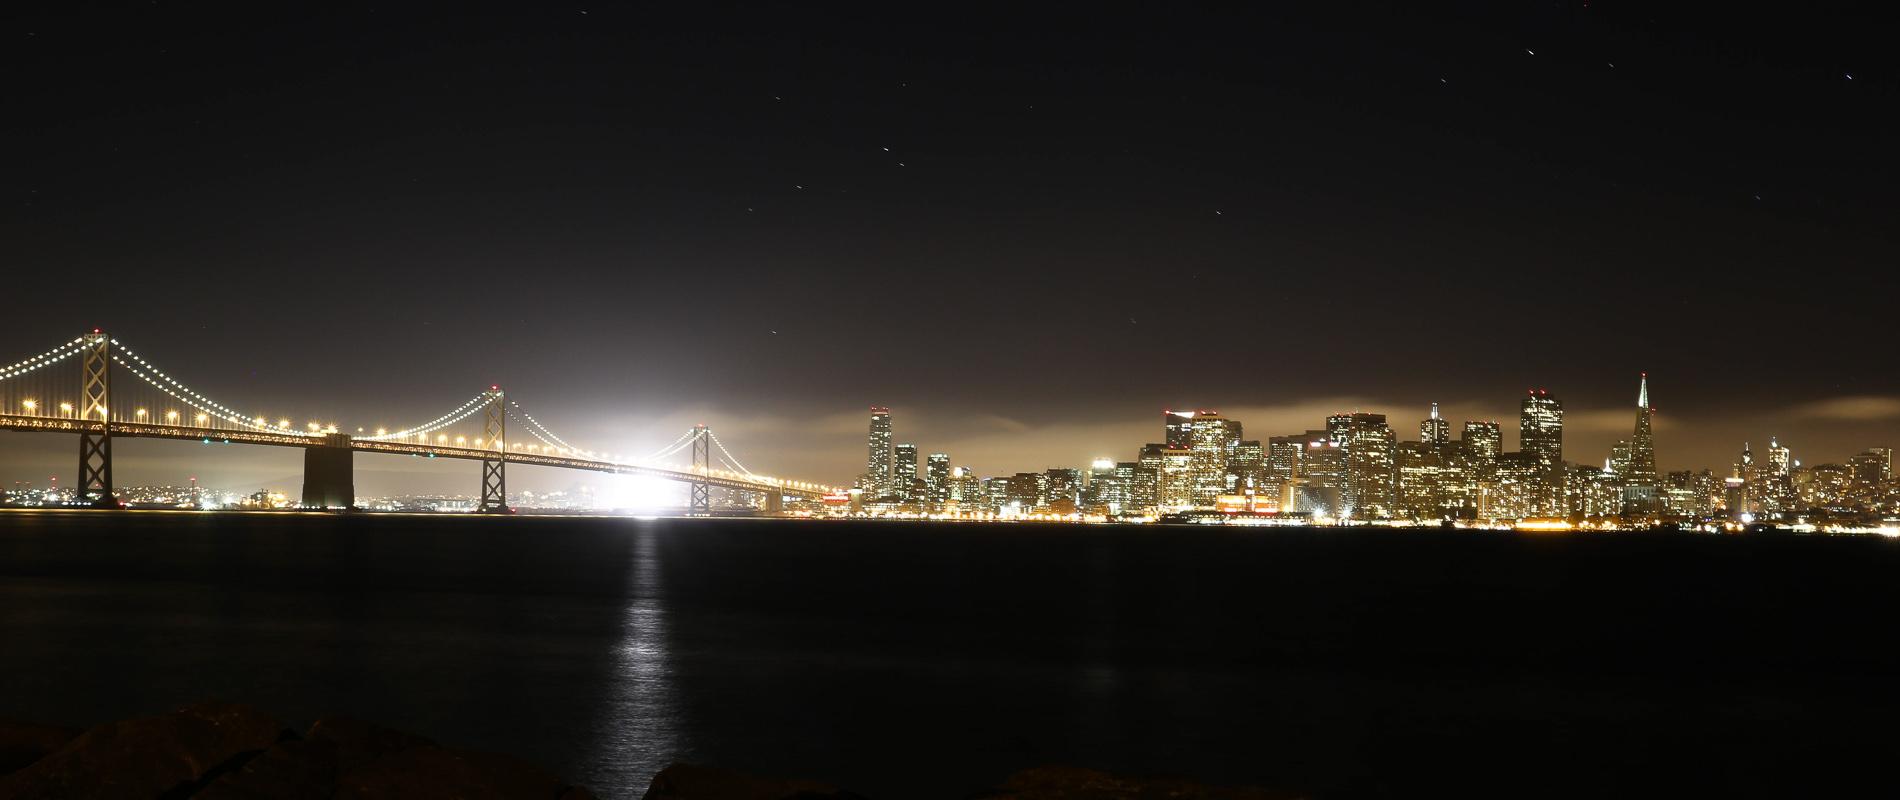 49er lights